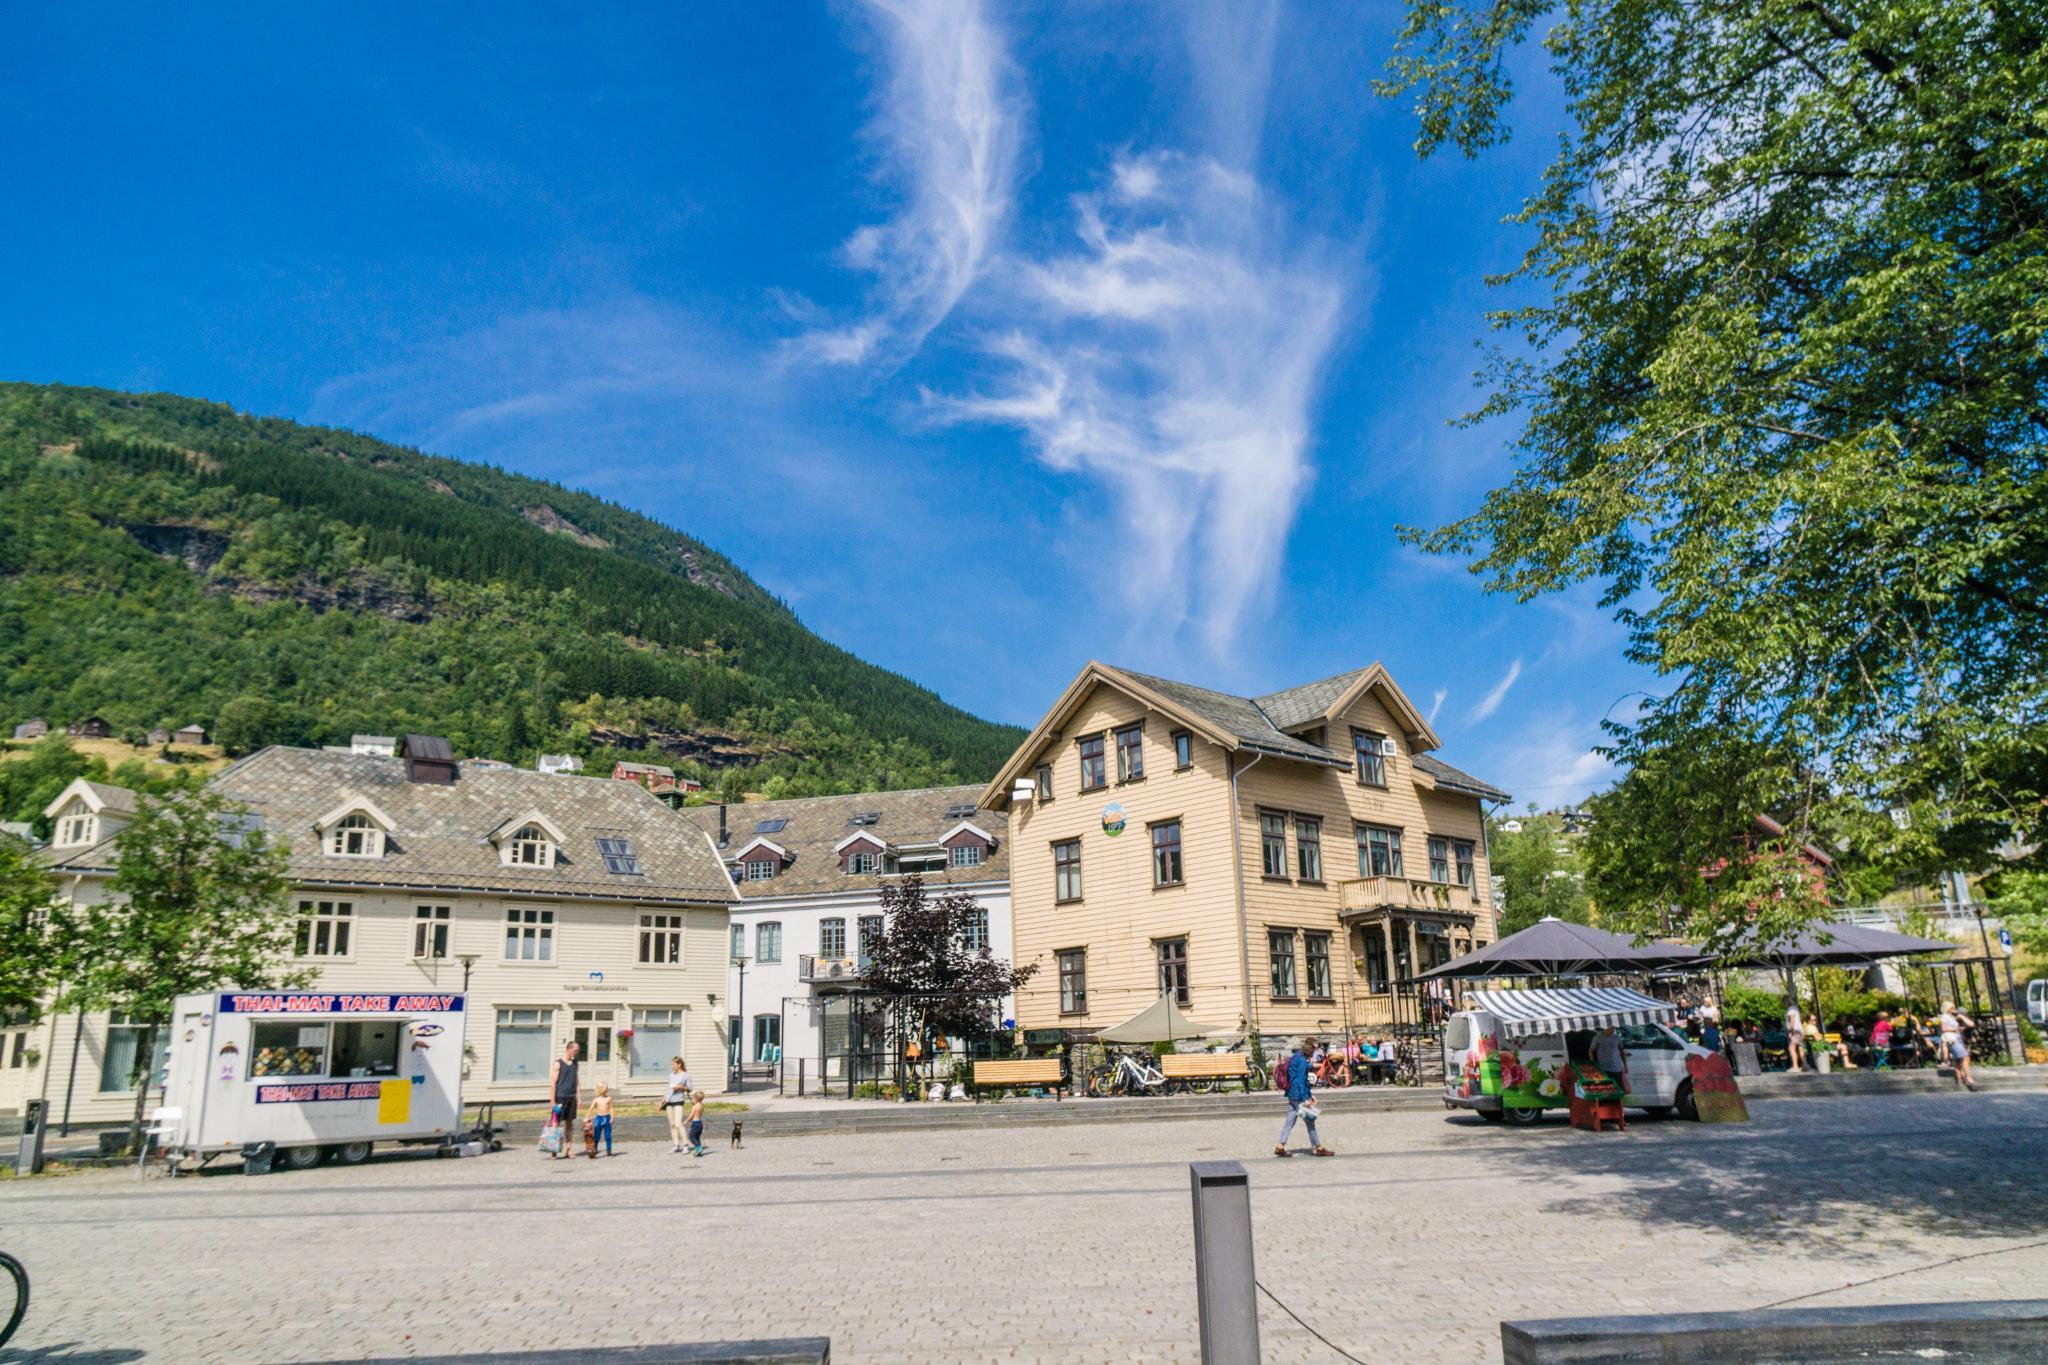 【北歐景點】挪威VOSS小鎮 — 探訪世界最純淨泉水產地 6